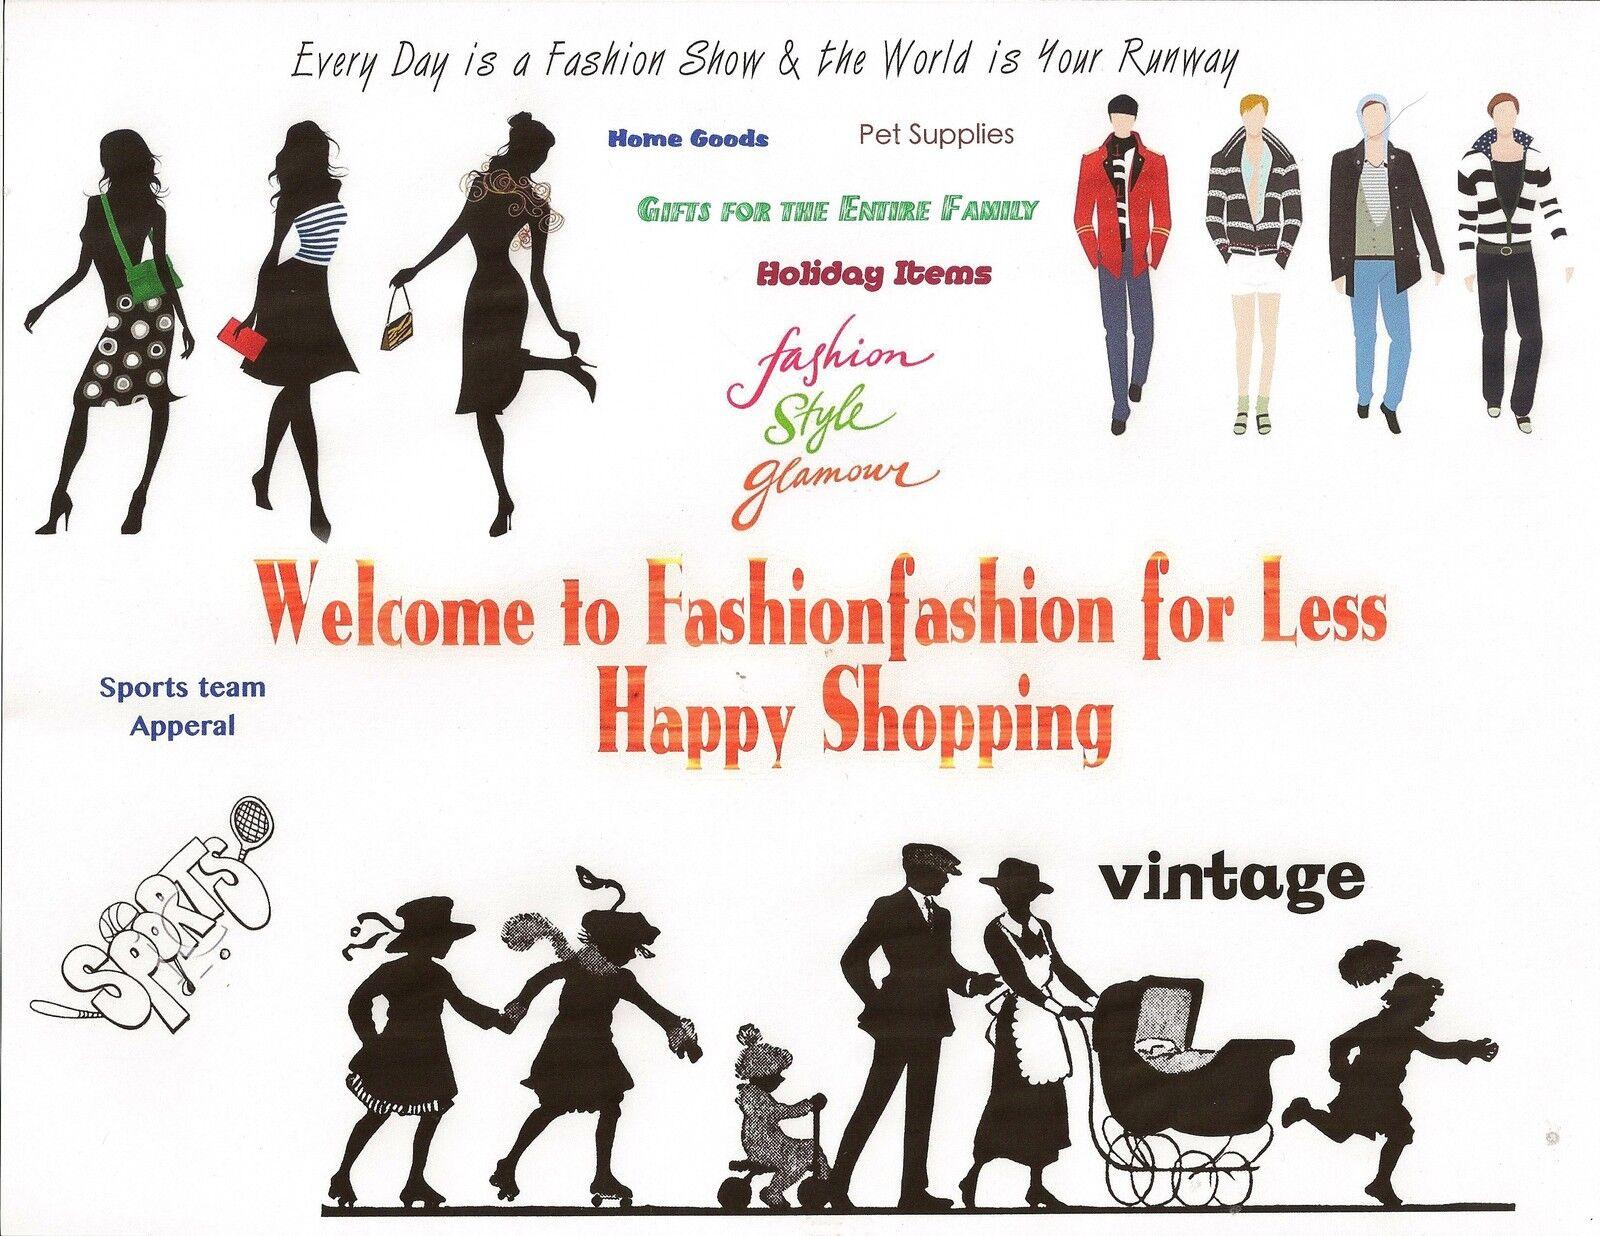 FashionFashion for Less